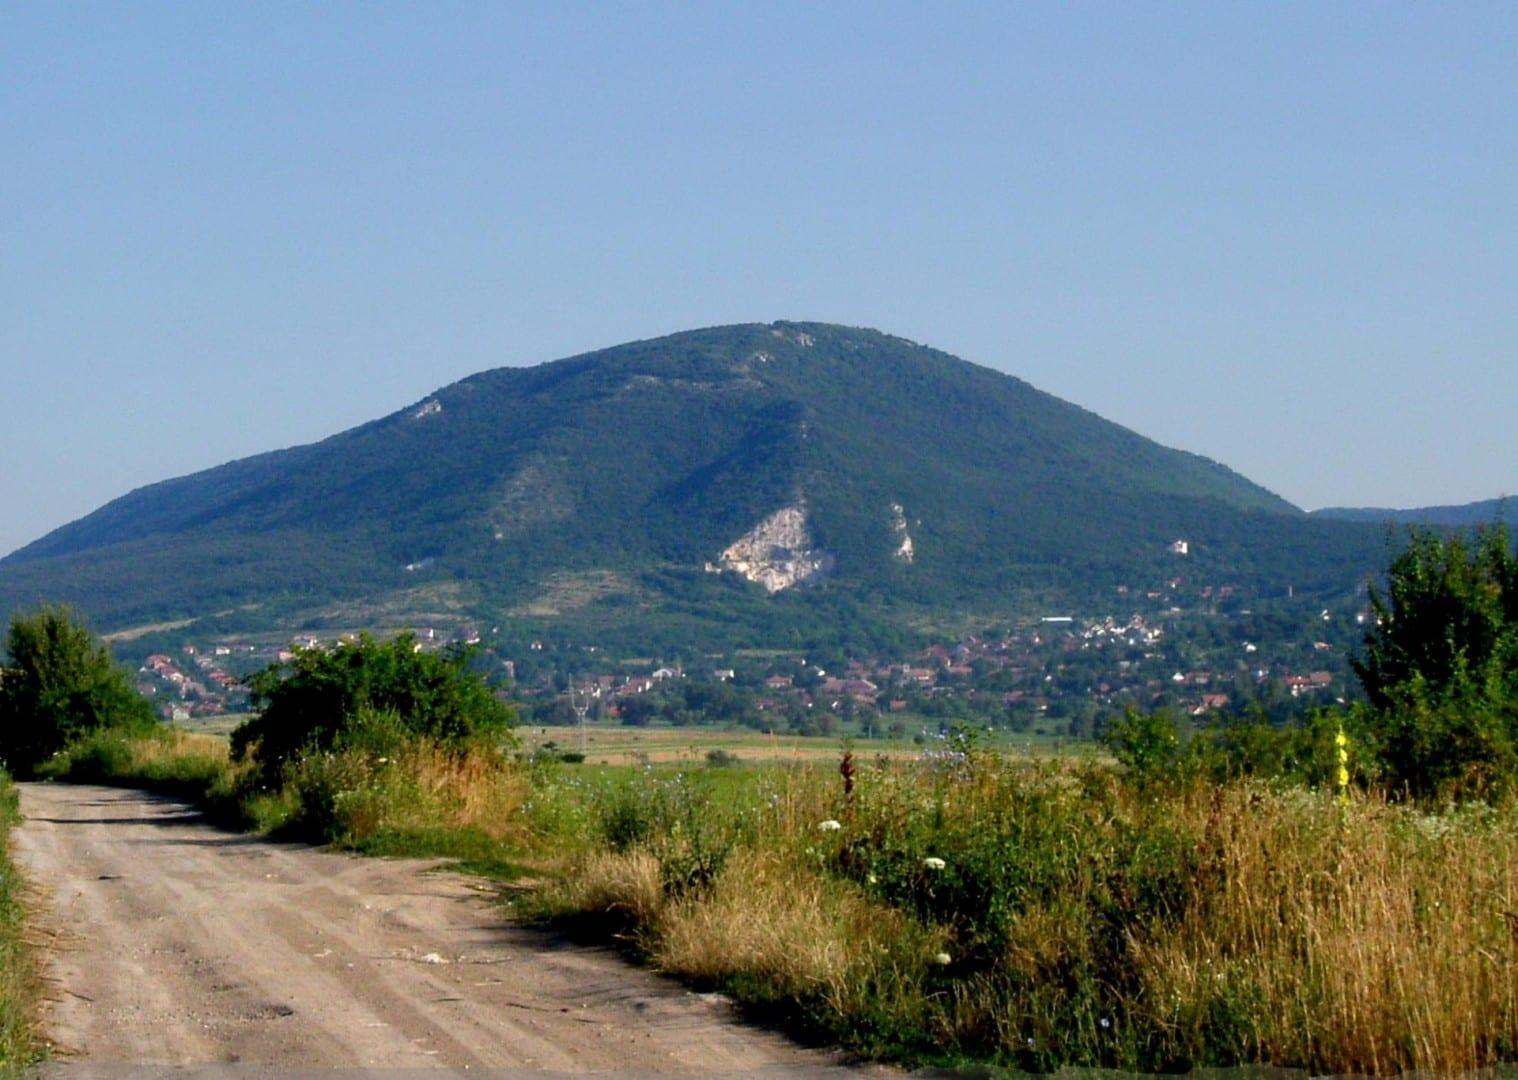 El pico de la montaña Pilis Visegrado Hungría